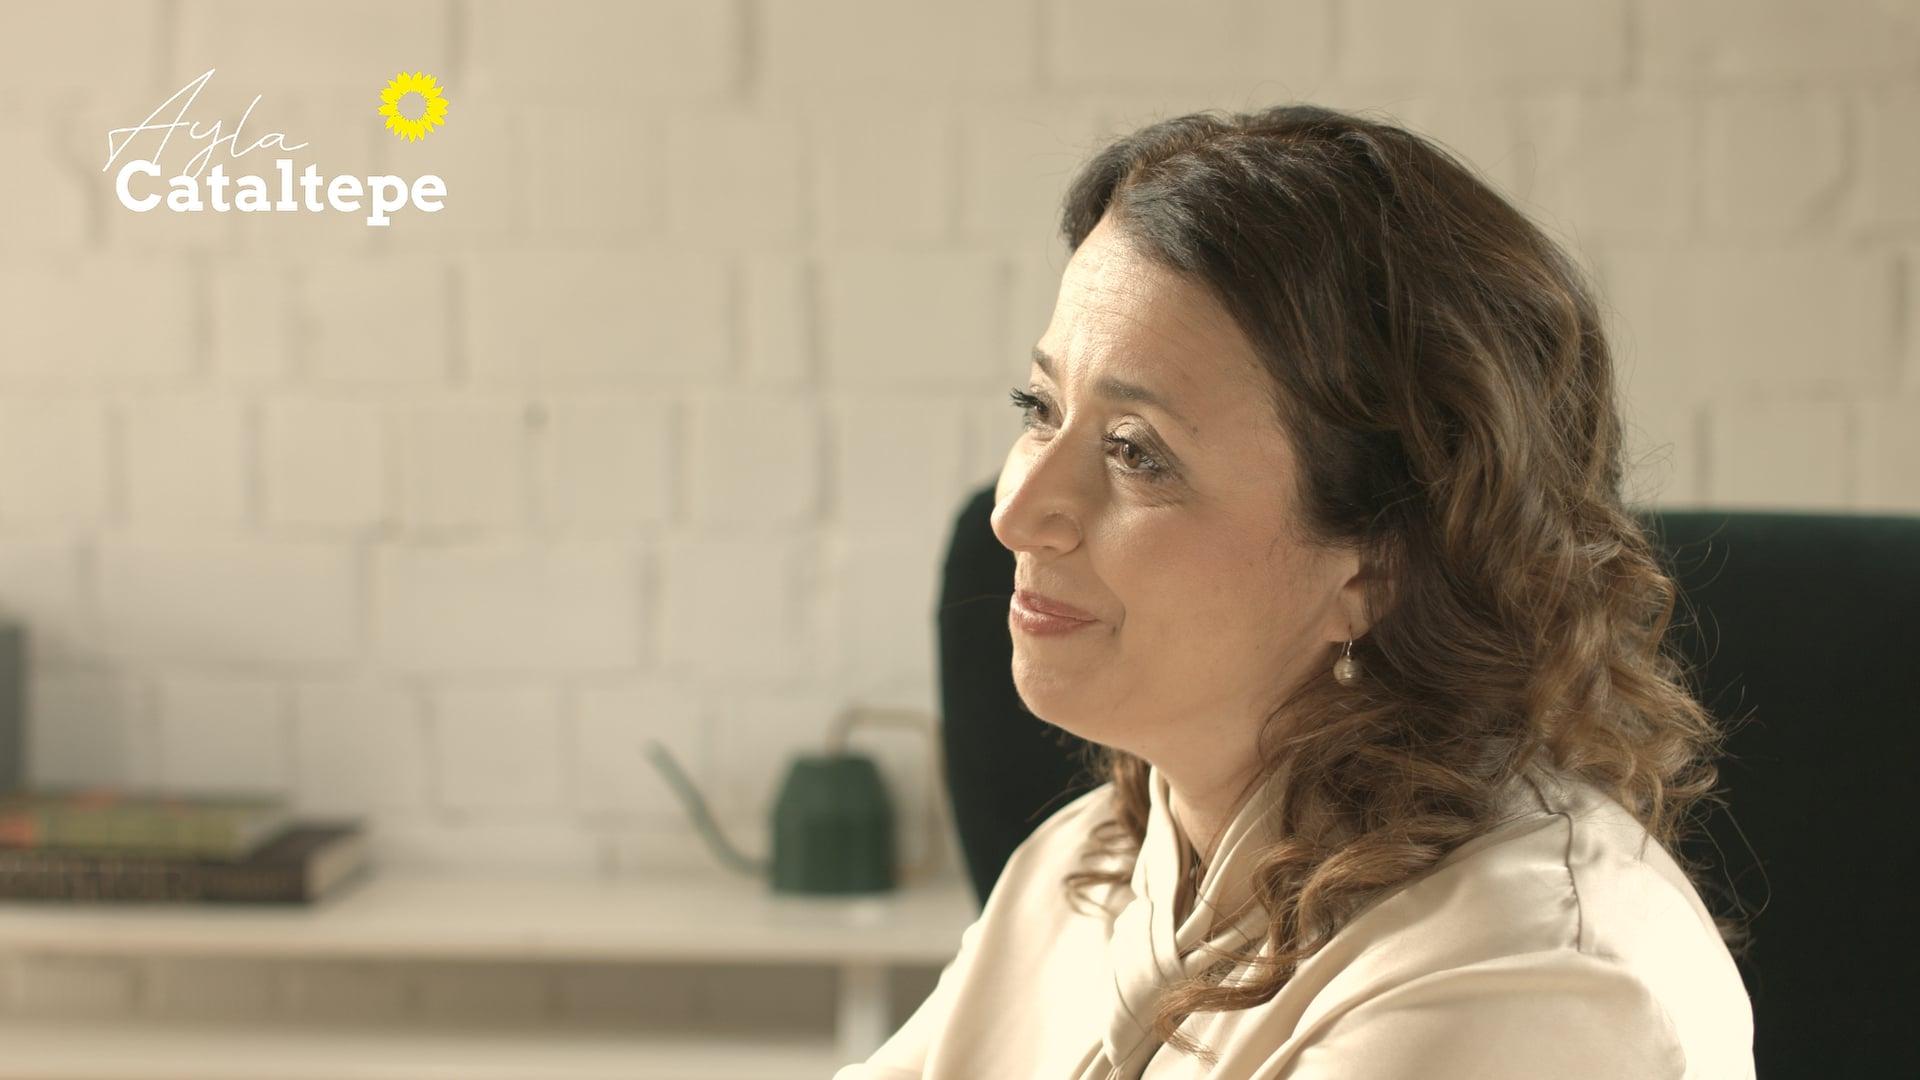 """Landtagskandidatin Ayla Cataltepe (B´90/DIEGRÜNEN) - tv spot """"mut"""""""